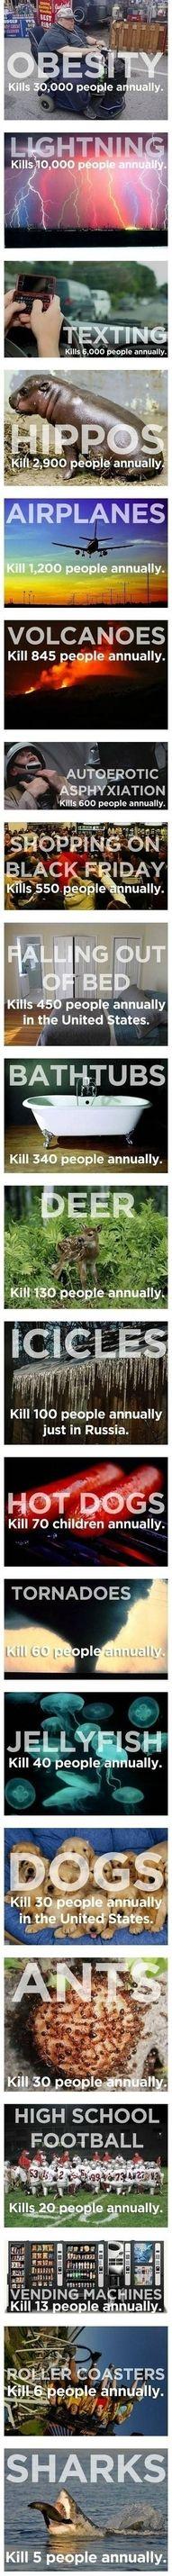 Hahahaha say's it all really!